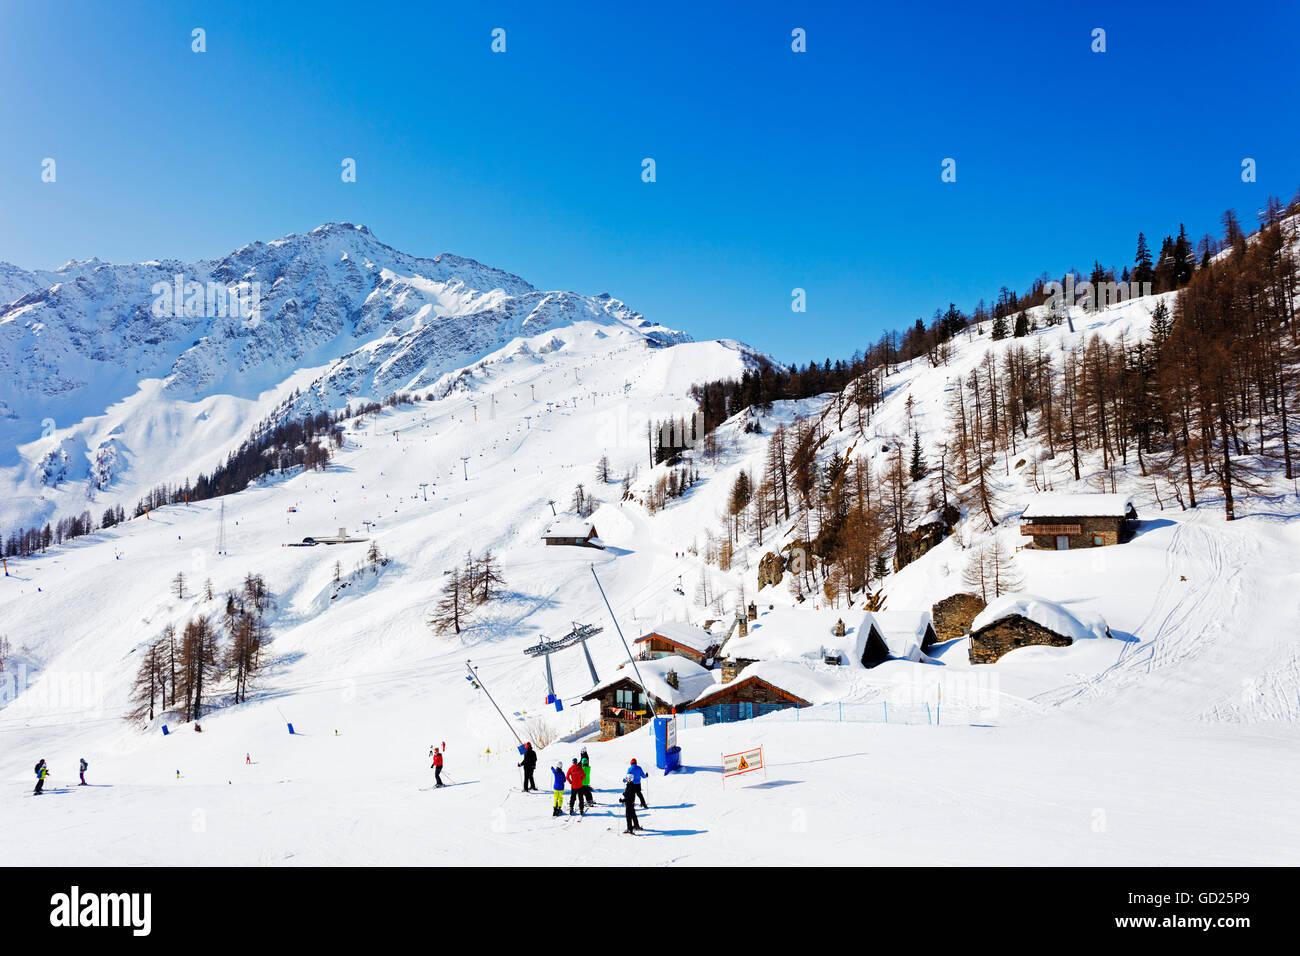 Station de ski de Courmayeur, vallée d'Aoste, Alpes italiennes, l'Italie, l'Europe Photo Stock